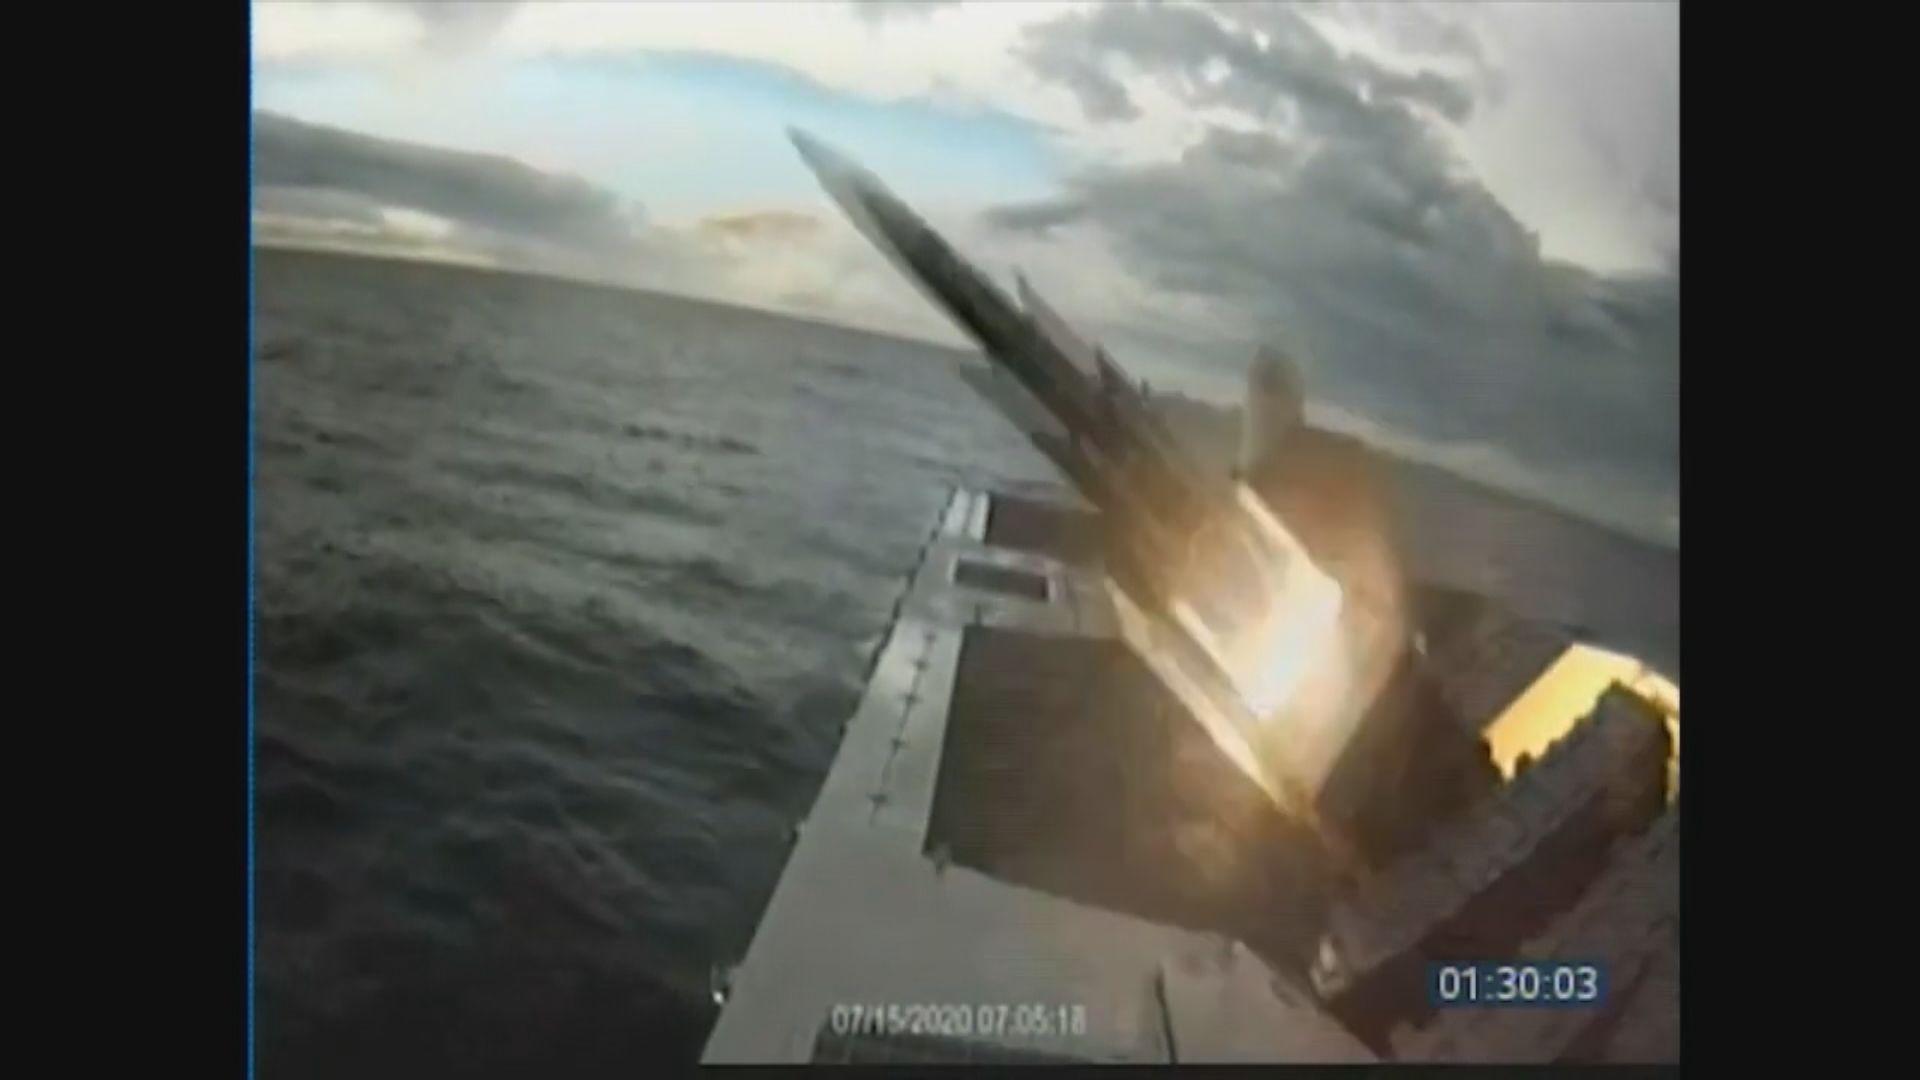 台灣漢光演習第三日 試射多種飛彈及魚雷